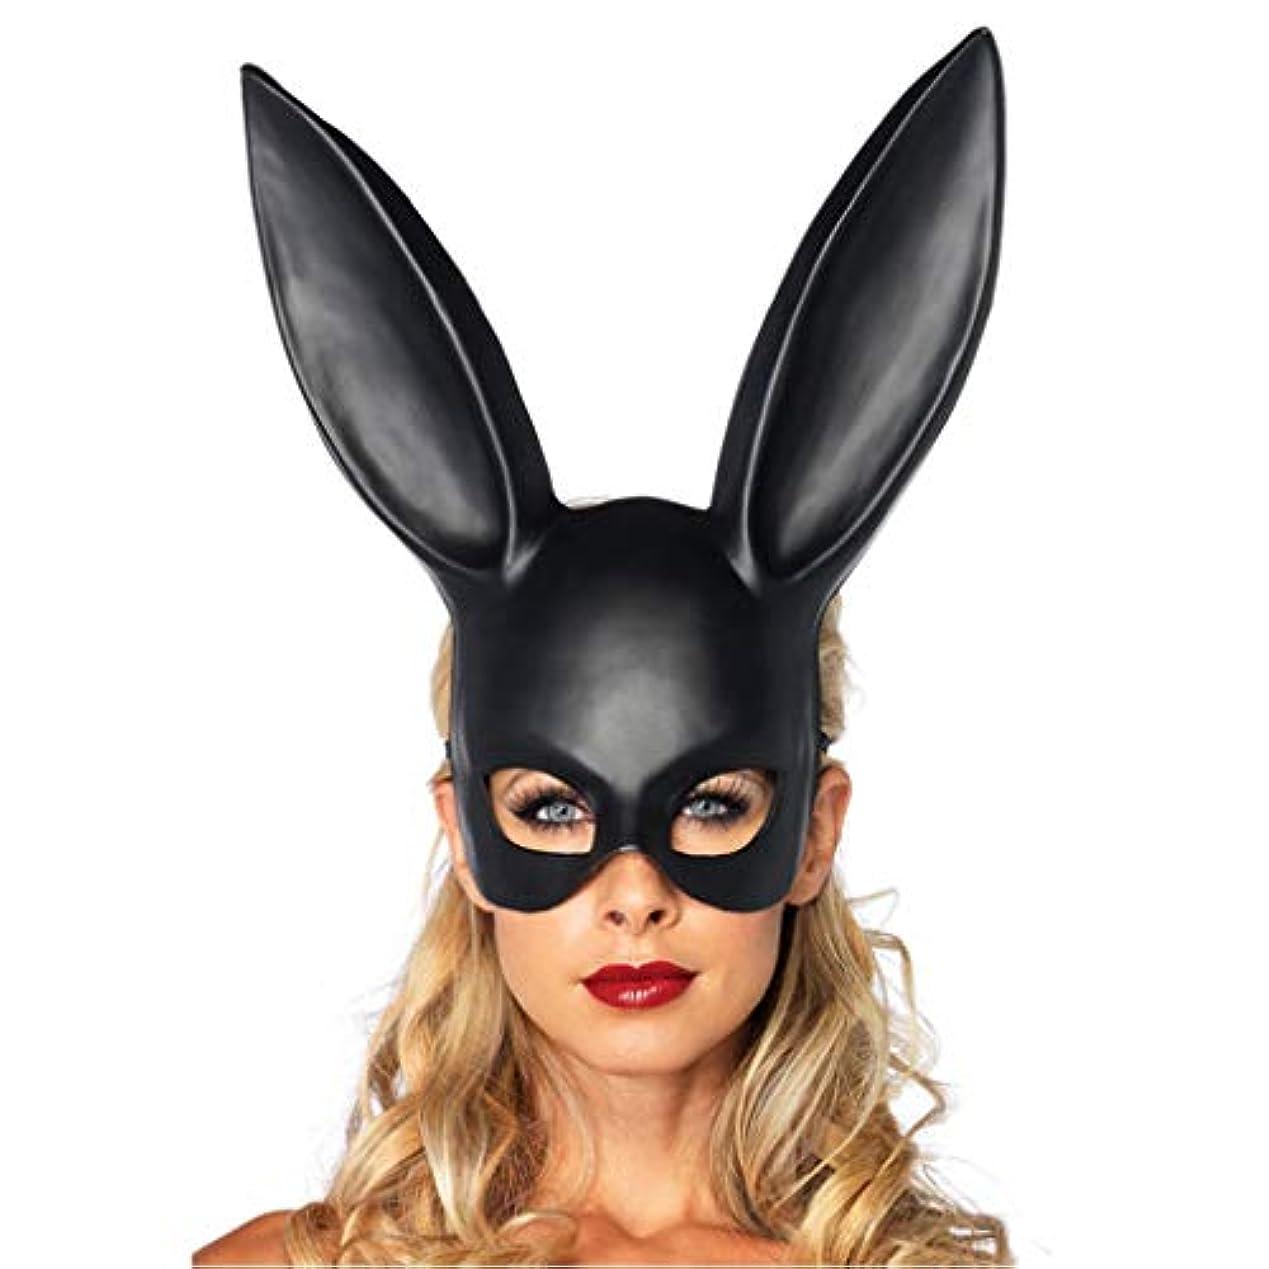 状況黄ばむなめらかハロウィーン仮装イヤーマスクバーKTVパーティーマスクかわいいウサギのマスク (Color : B)